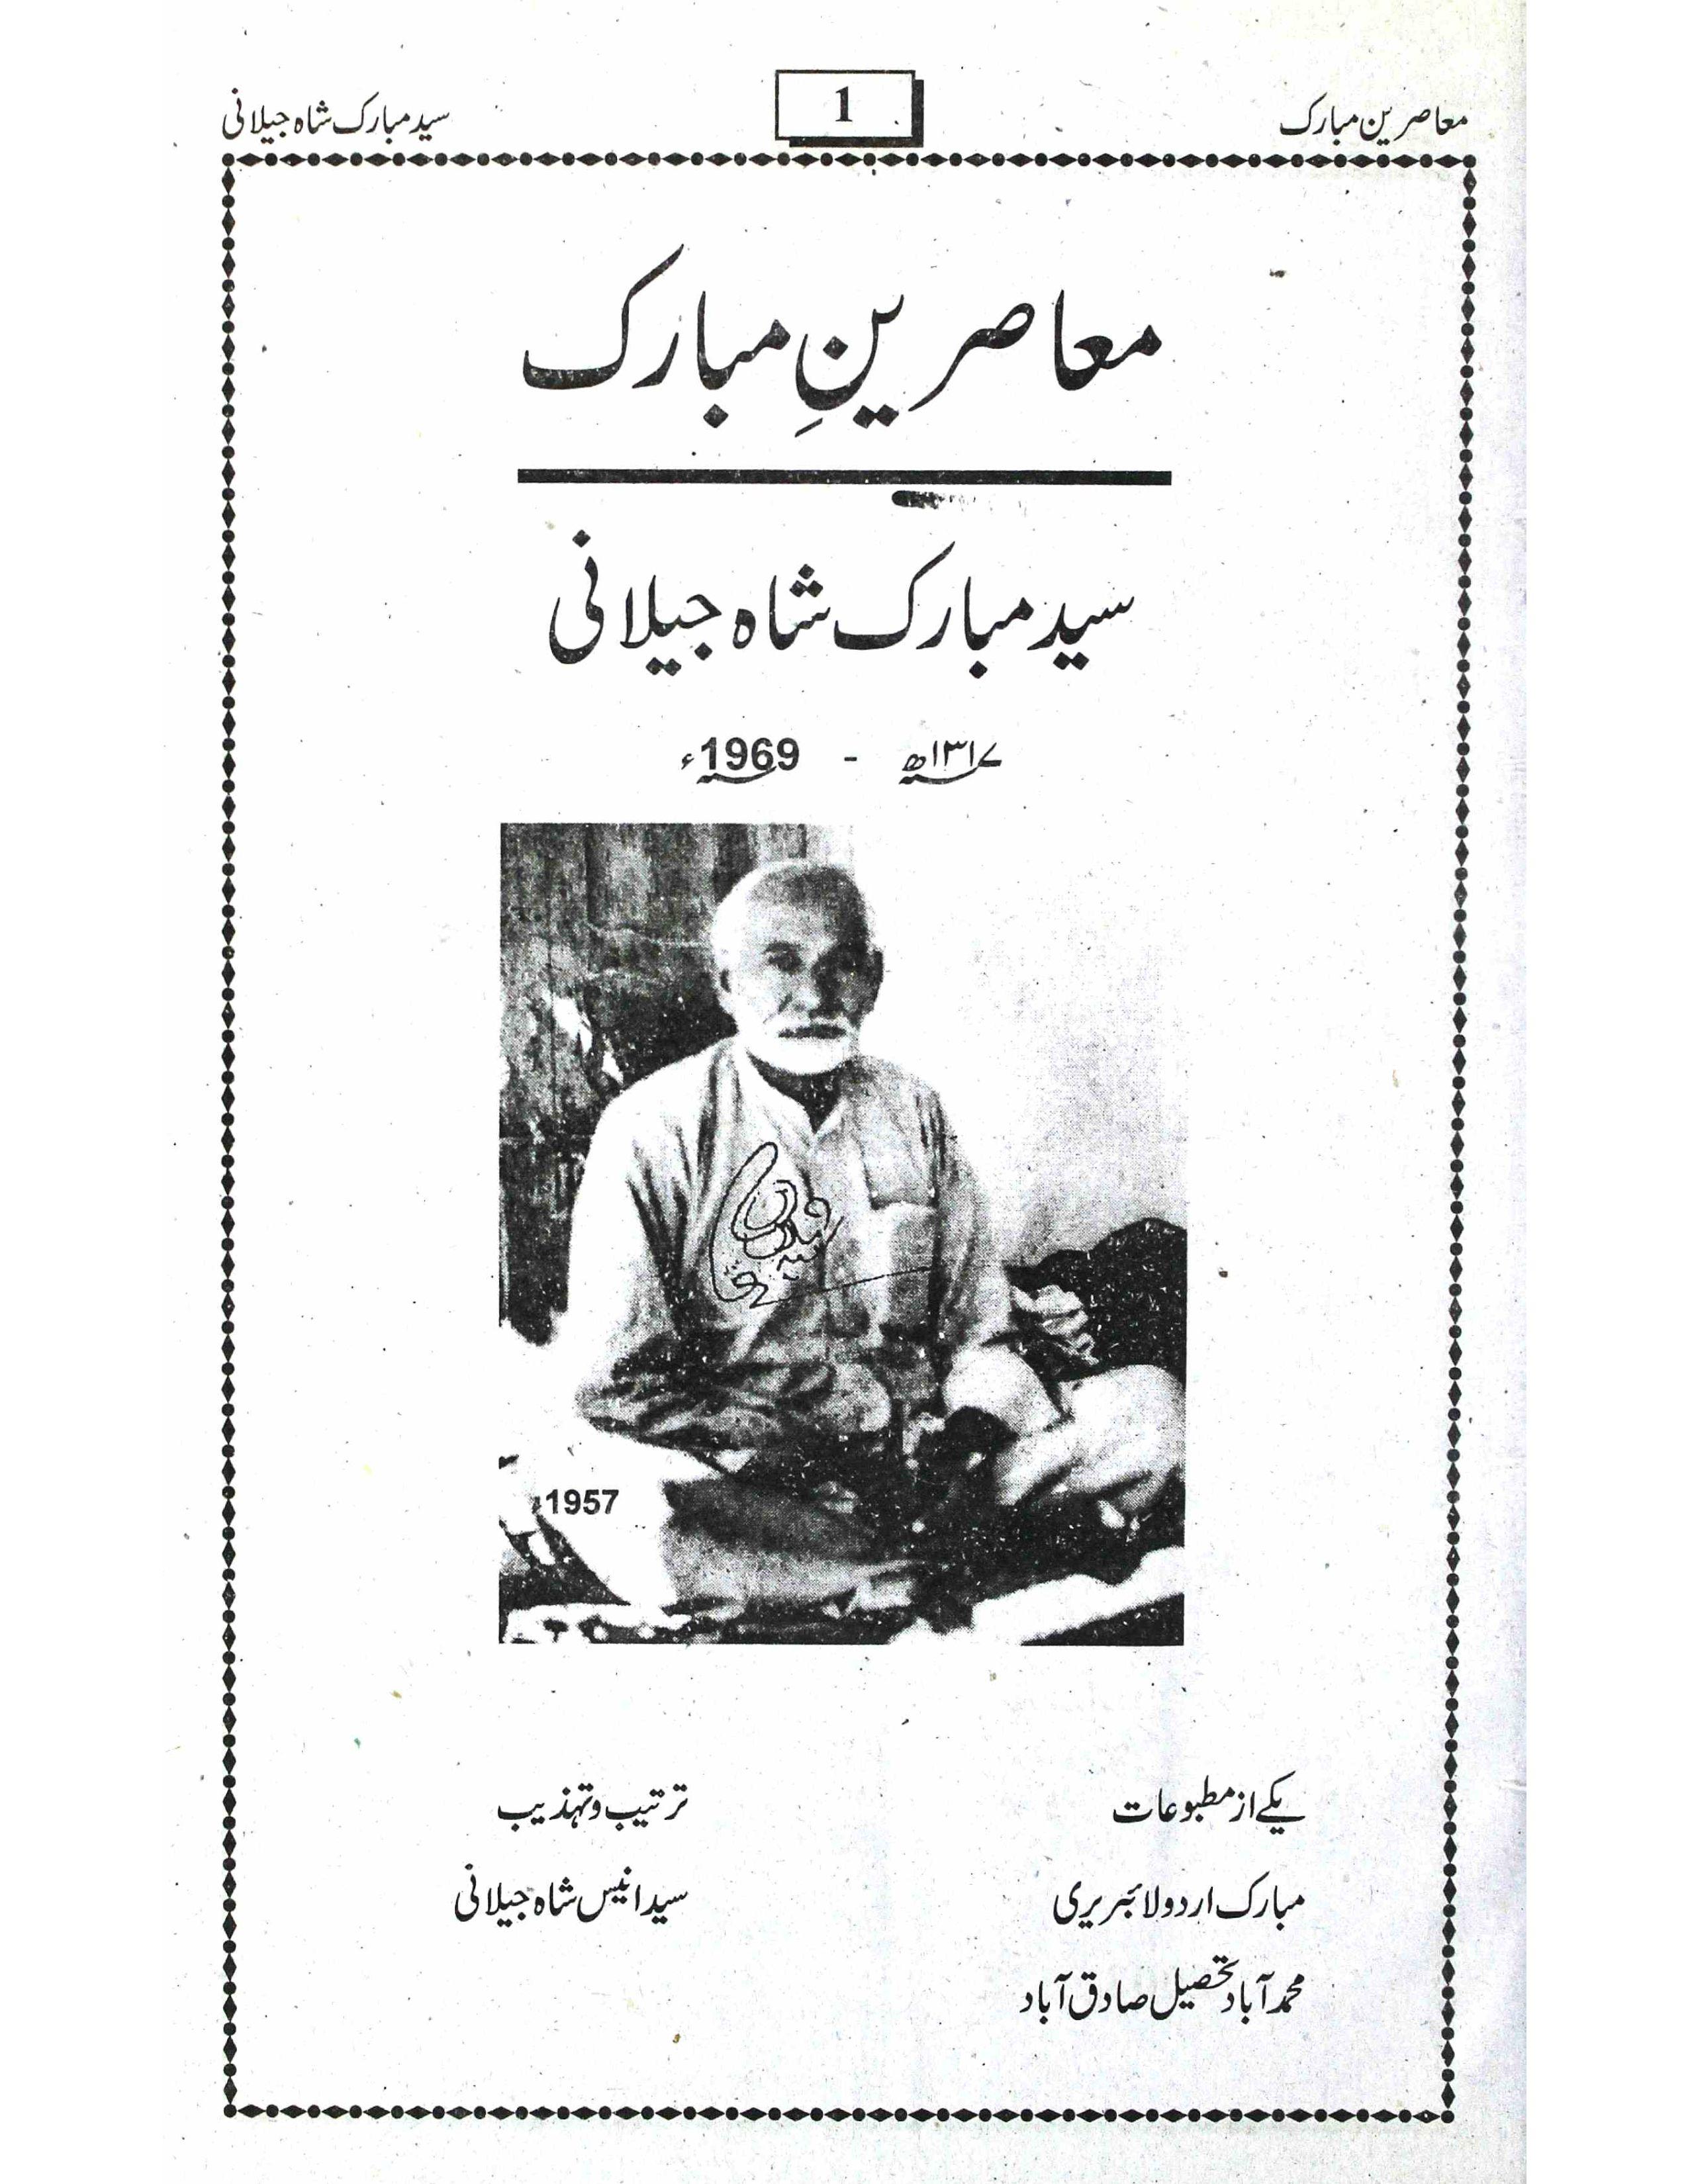 Maasreen-e-Mubarak